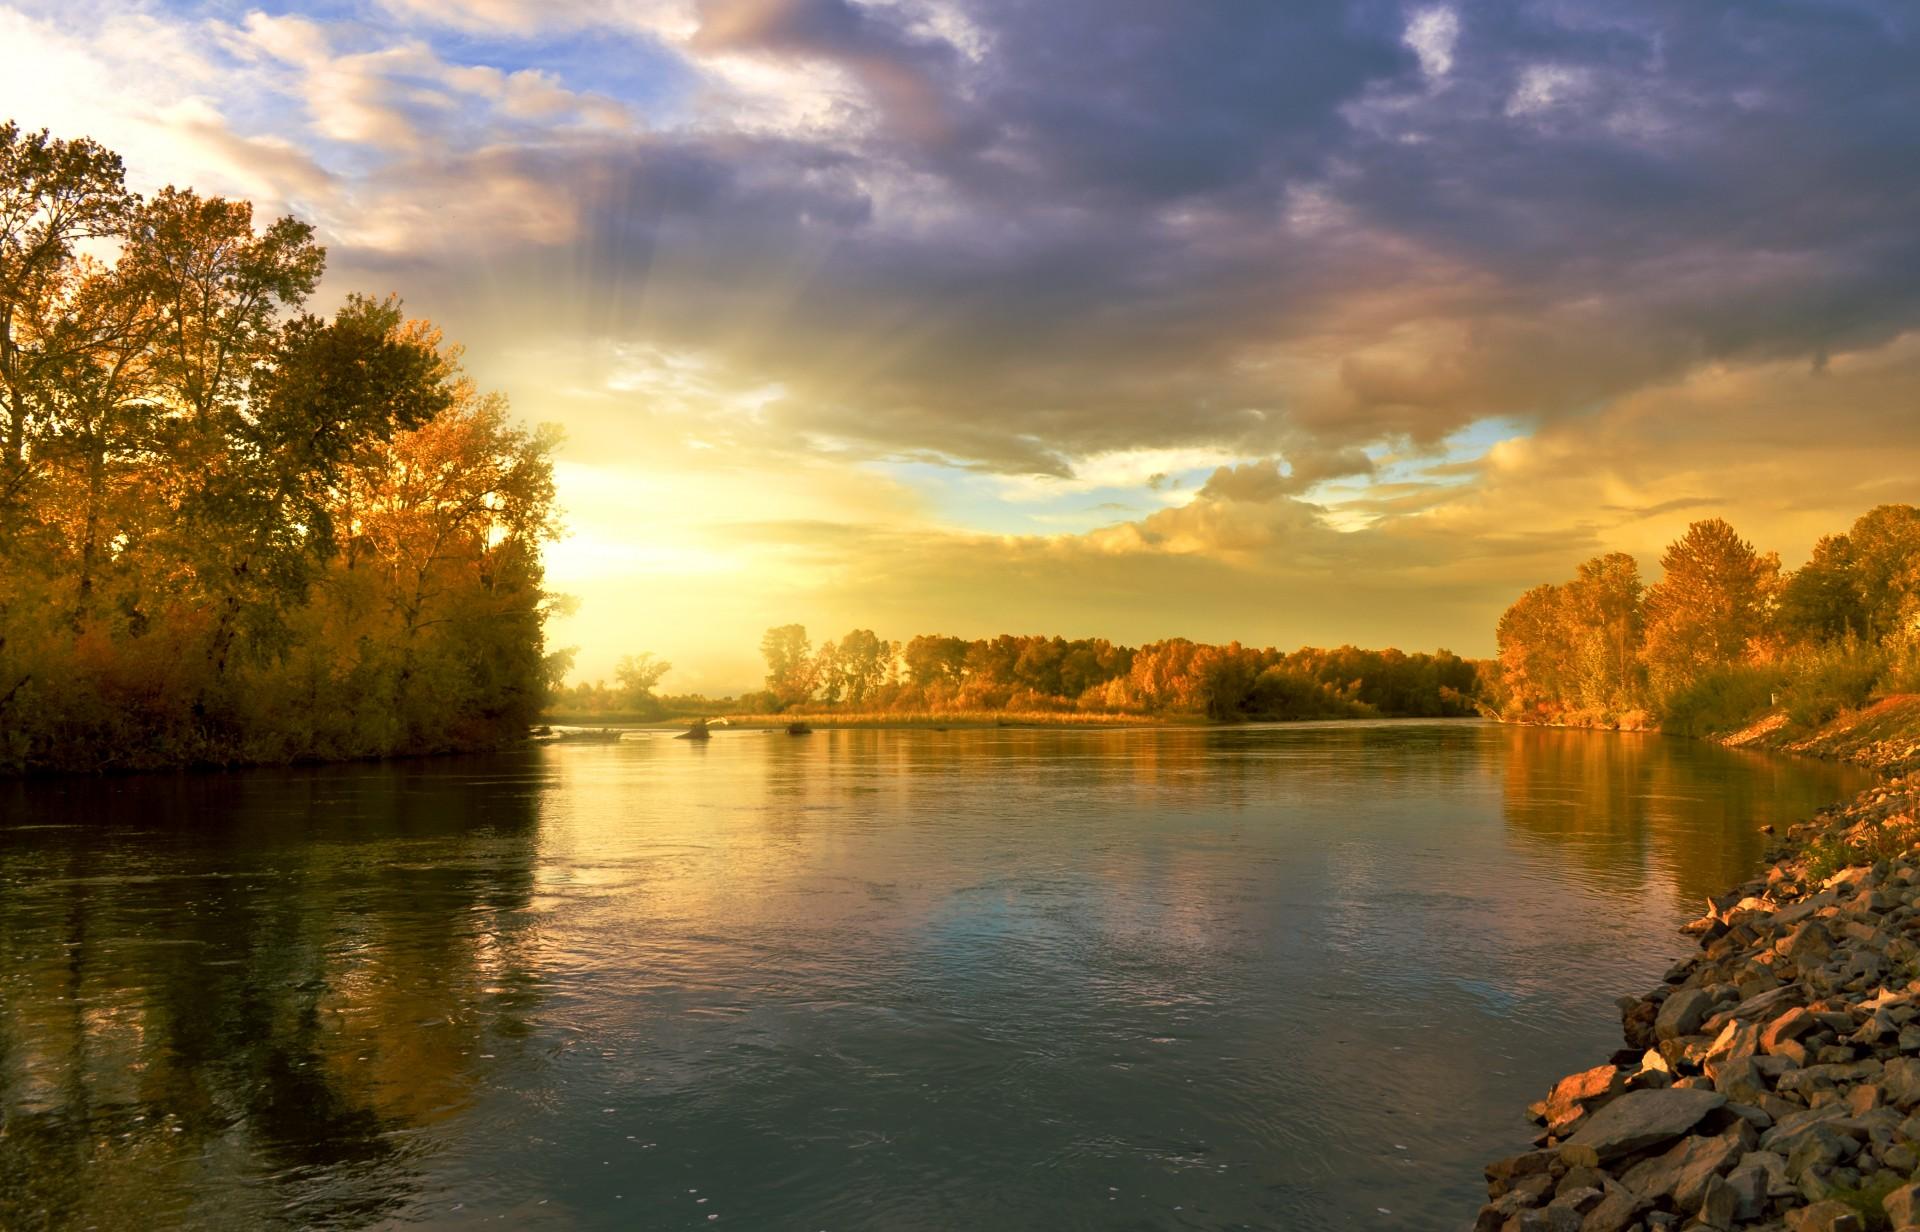 https://www.publicdomainpictures.net/en/view-image.php?image=55215&picture=autumn-landscape